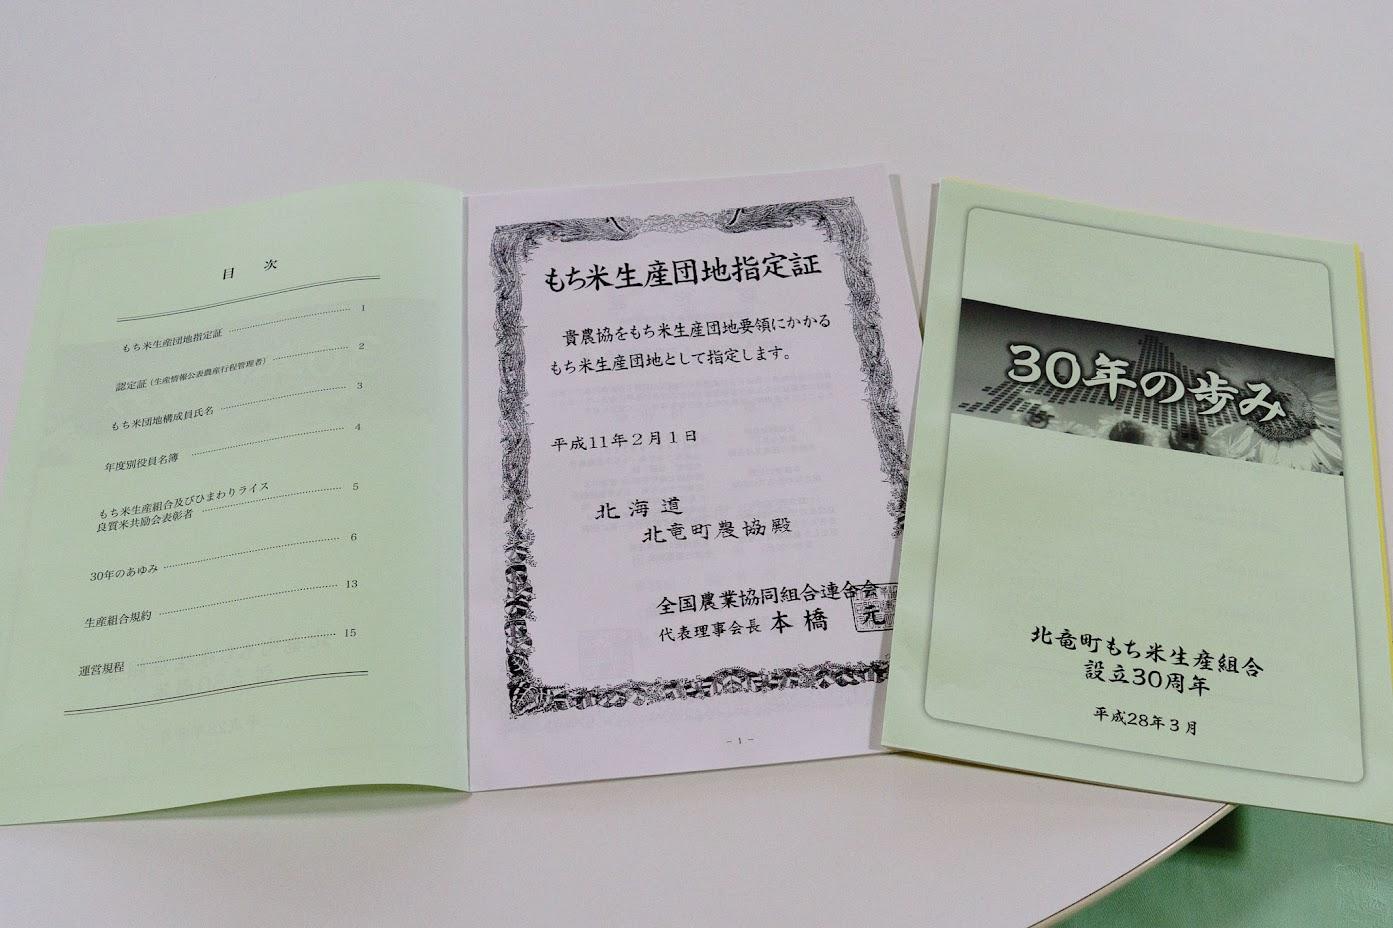 北竜町もち米生産組合・記念誌『30年の歩み』